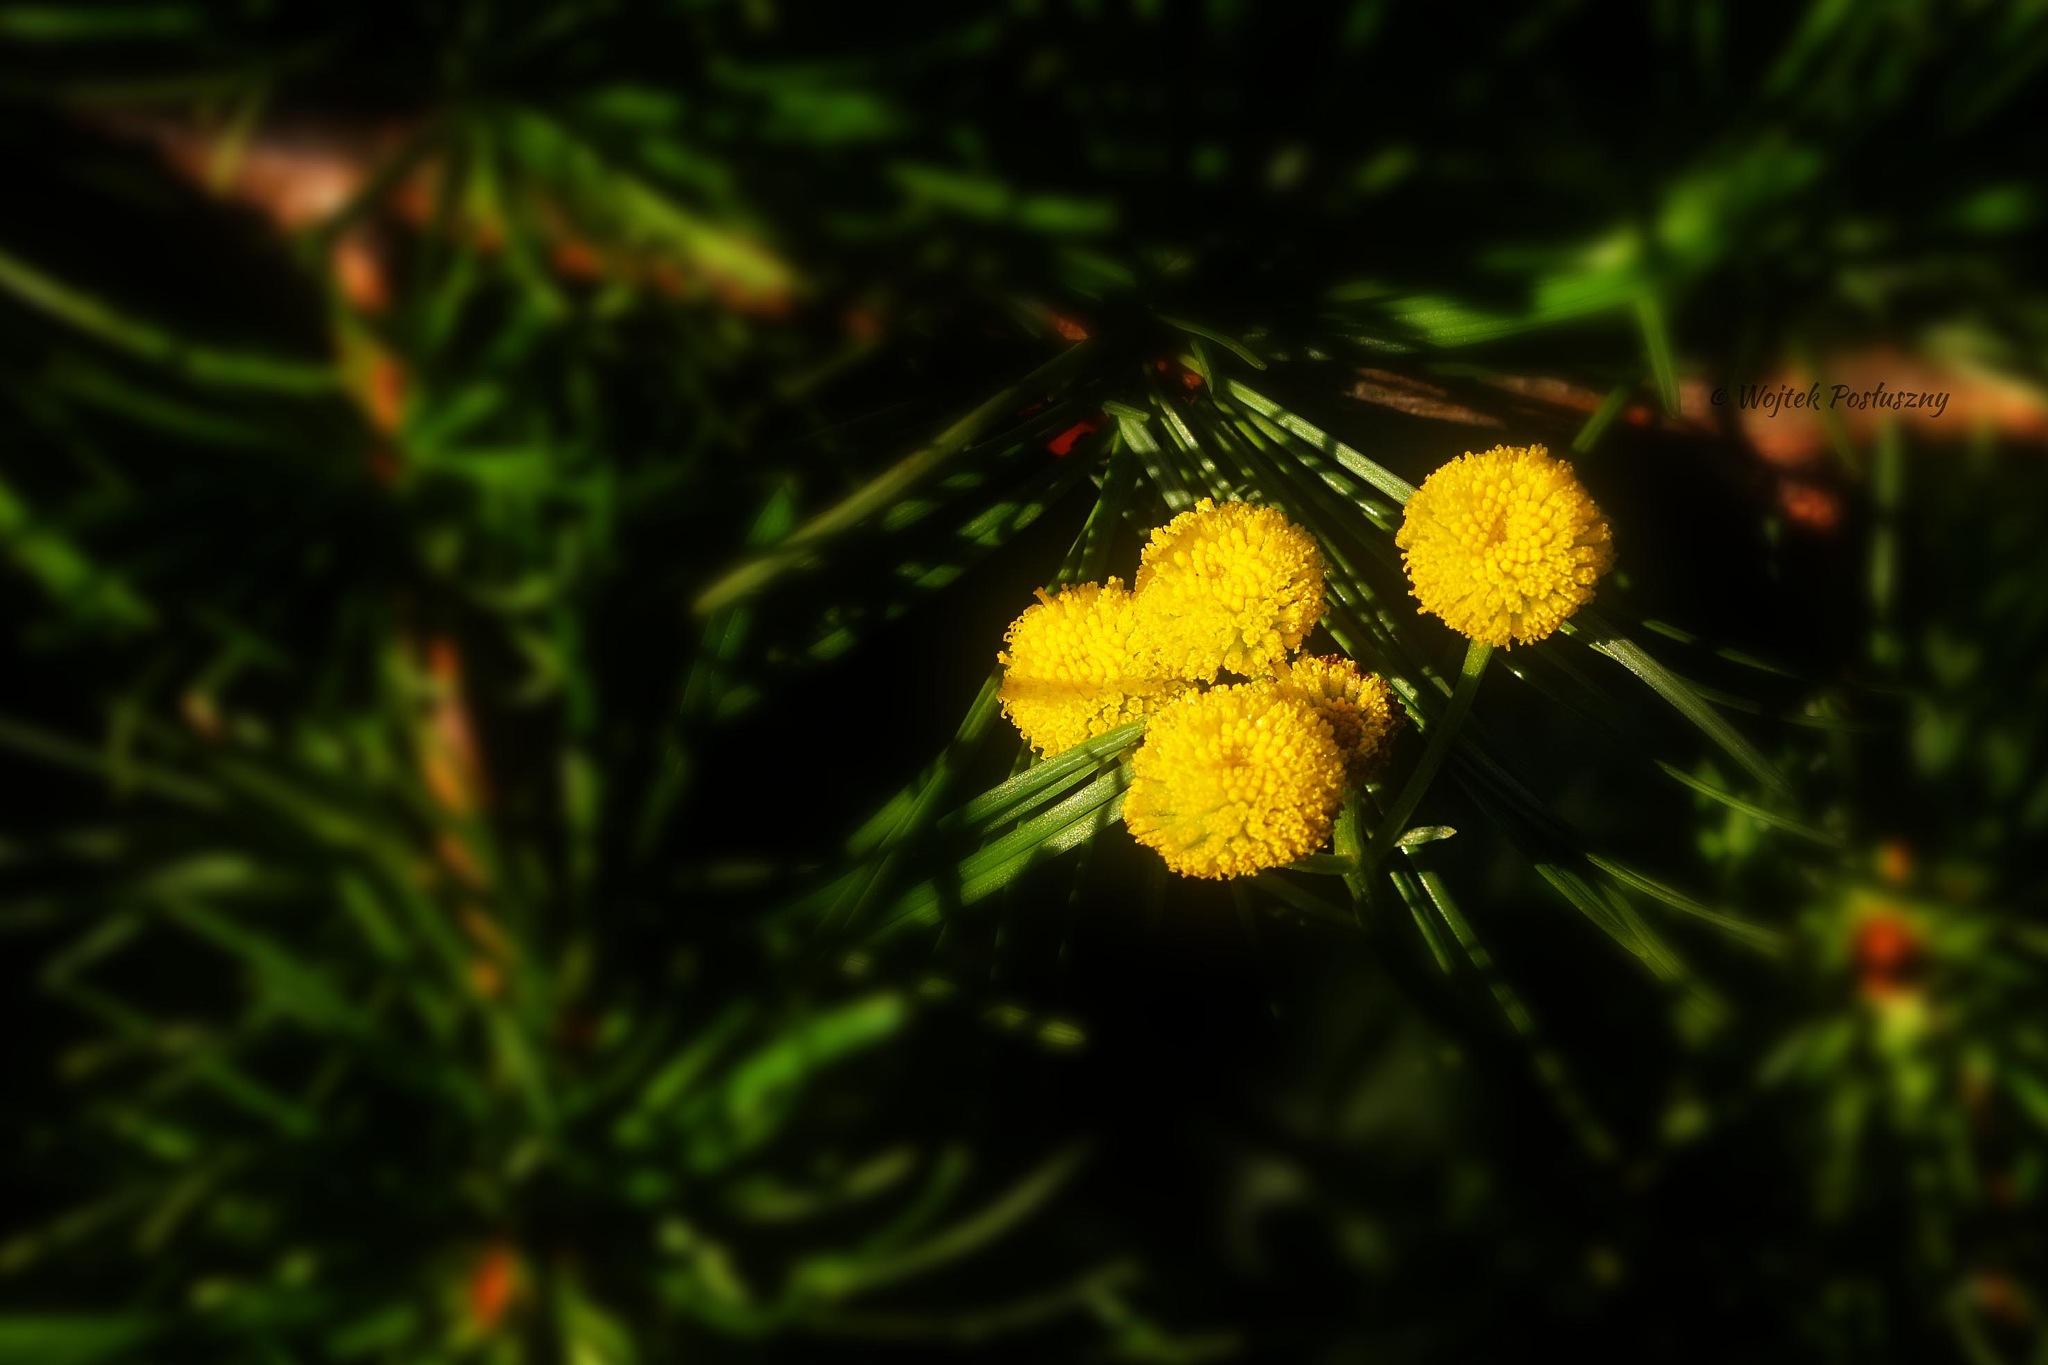 Yellow and green by Wojtek Posłuszny